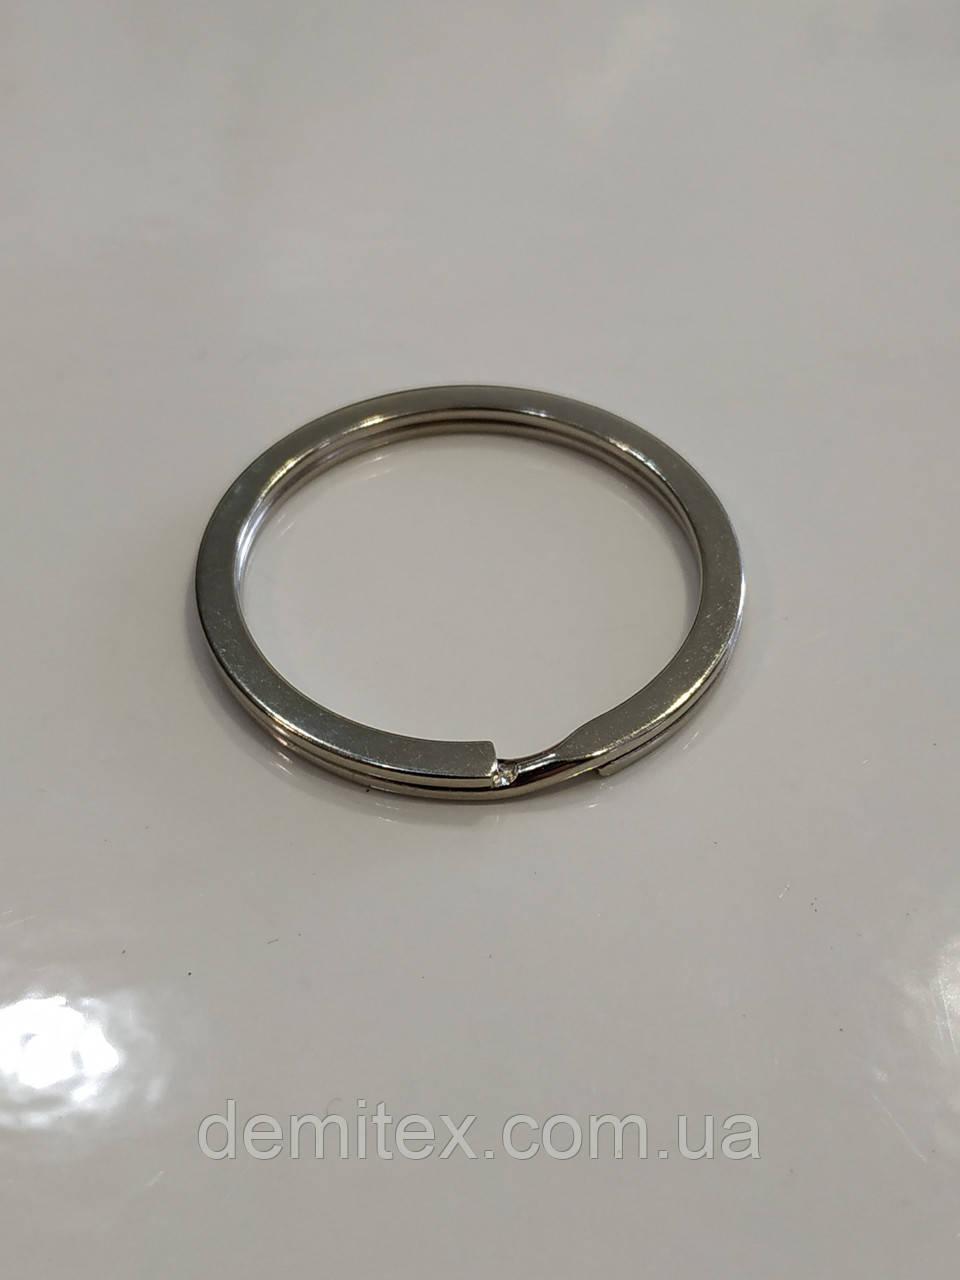 Кольцо заводное 30 мм внутренний диаметр цвет никель